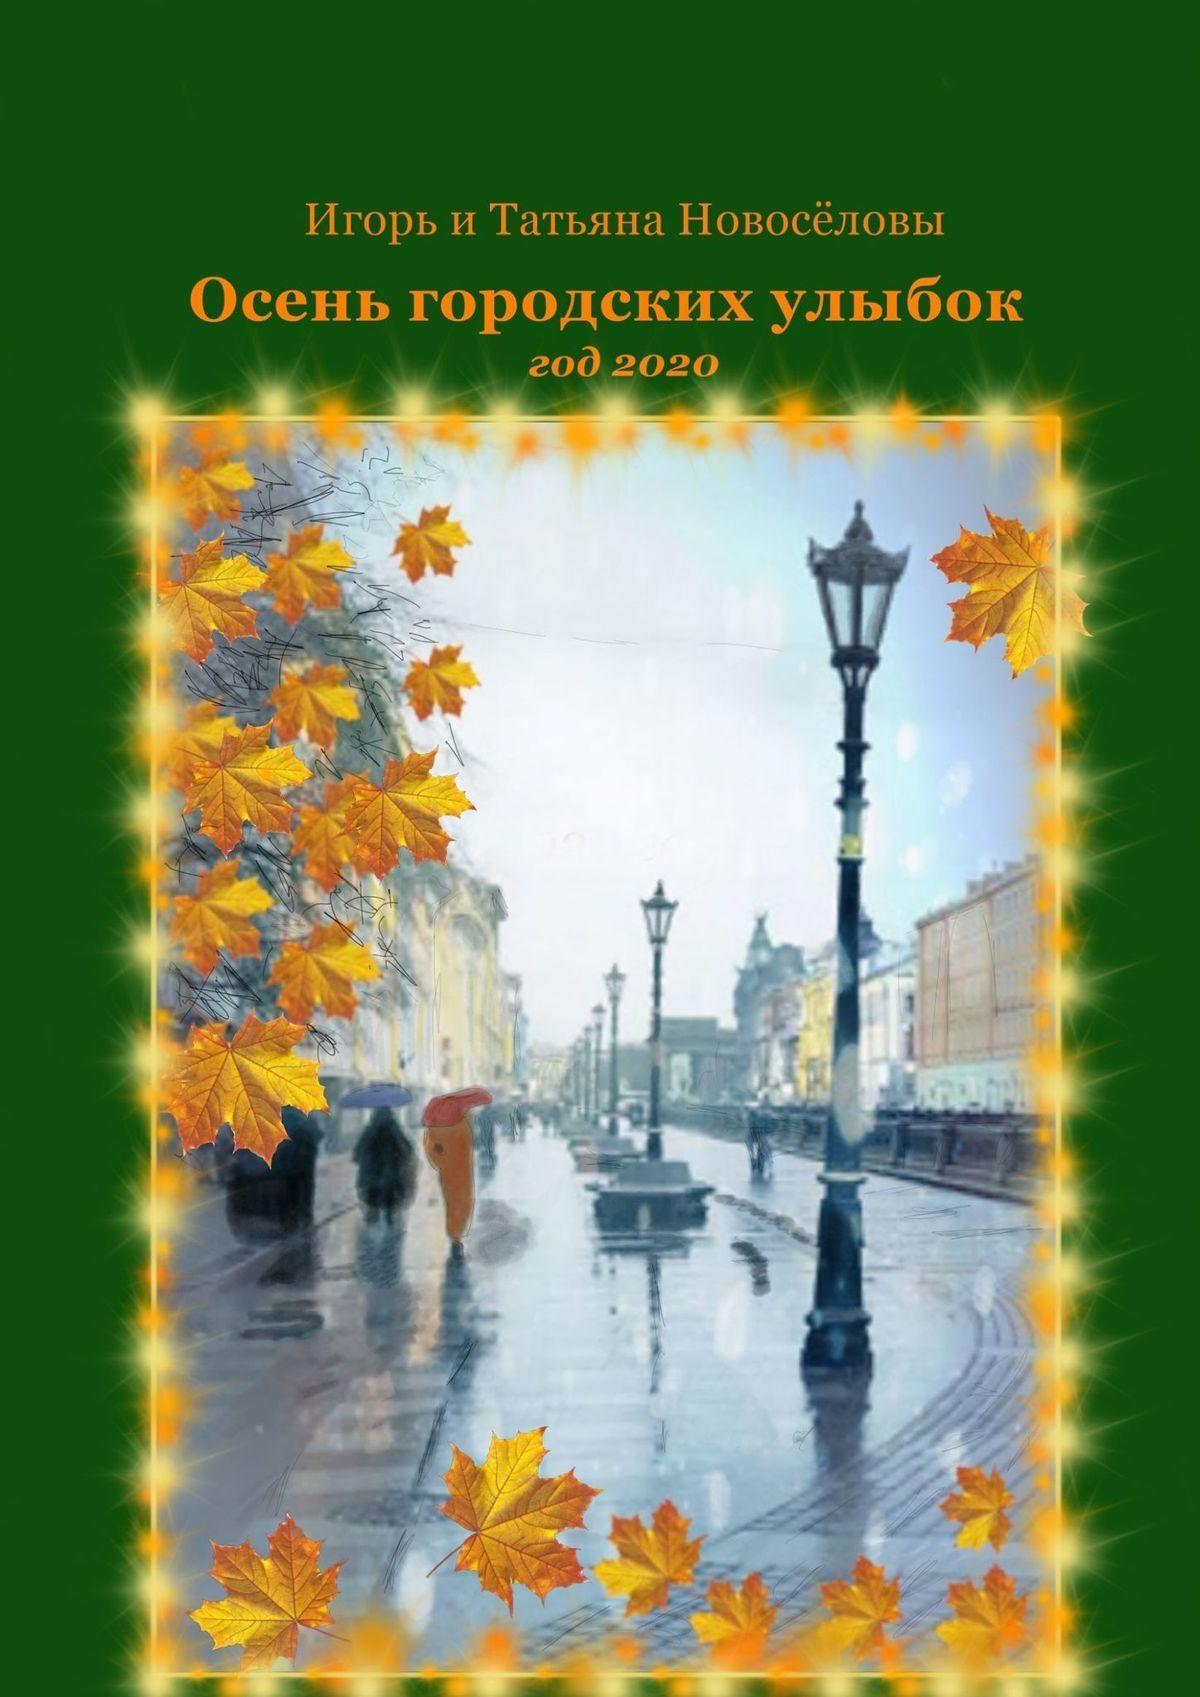 Игорь и Татьяна Новосёловы Осень городских улыбок